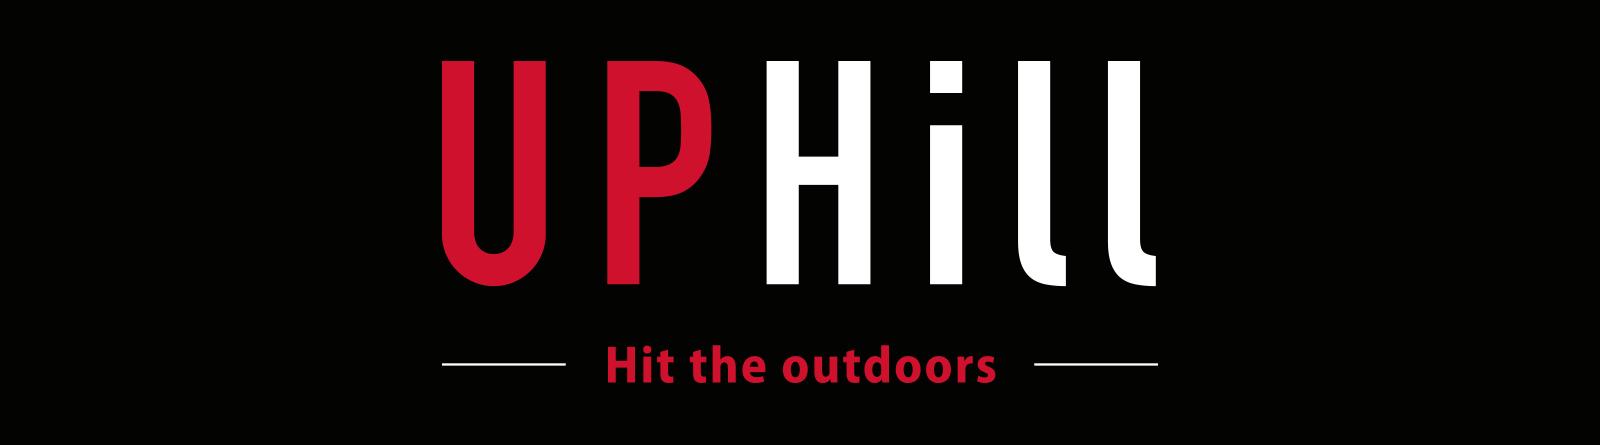 Uphill-brändin logosuunnittelu